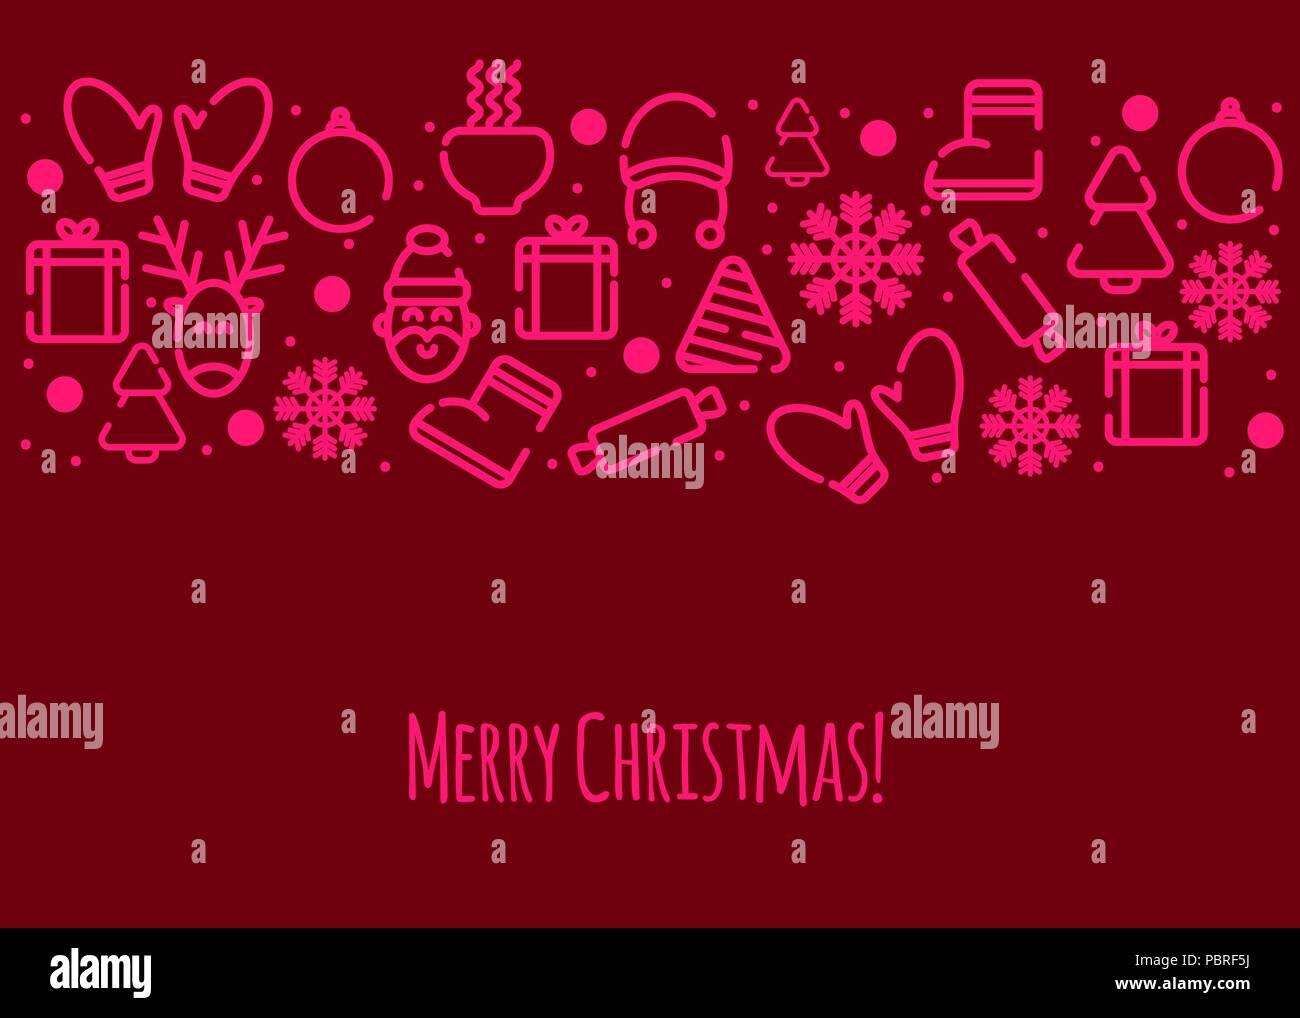 Weihnachten Grüße Bilder.Weihnachtskarte Frohe Weihnachten Grüße Banner Mit Winter Symbole